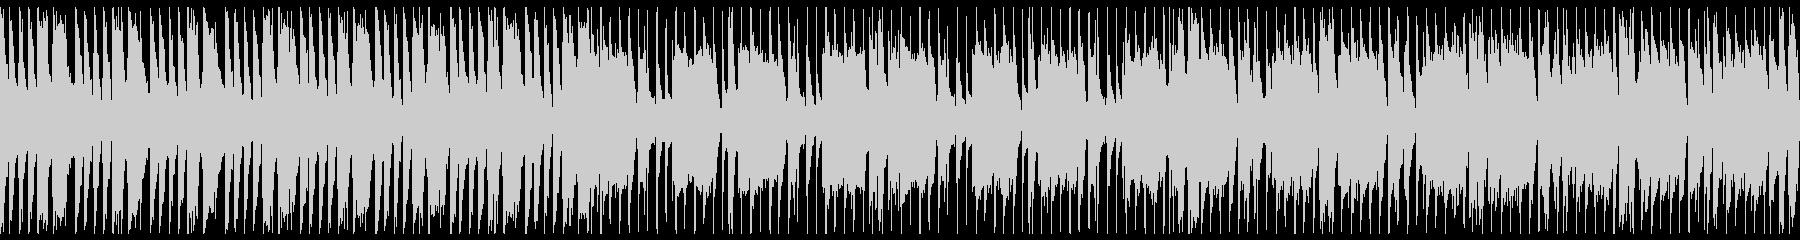 豪華で熱狂的 ビッグバンドRnR(ループの未再生の波形